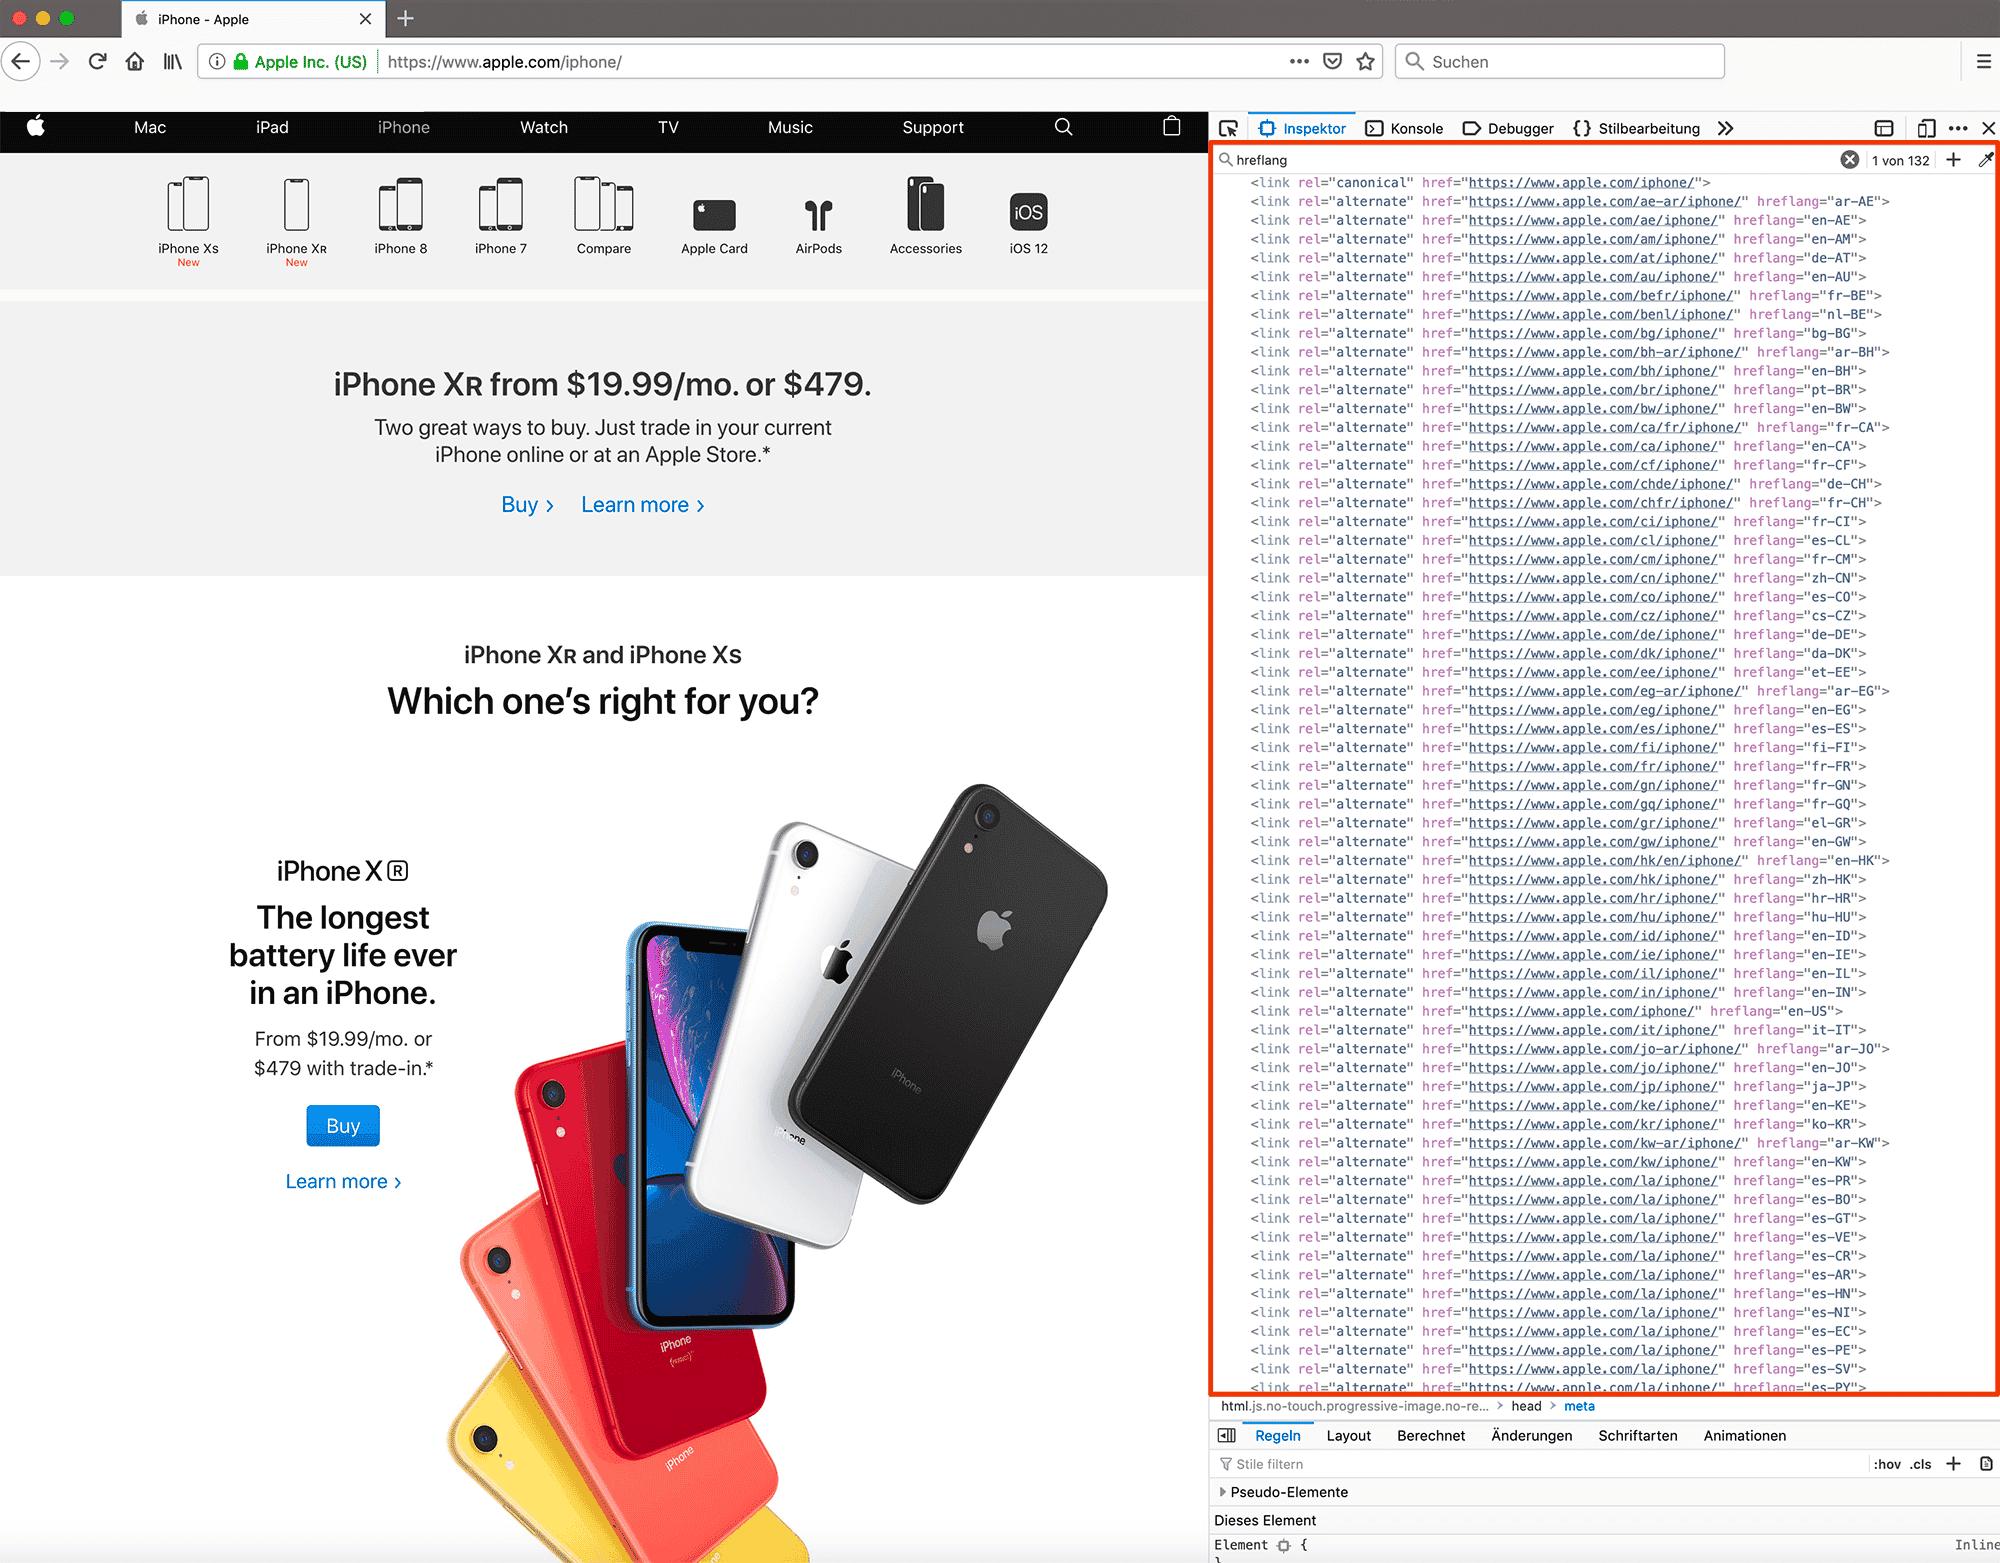 hreflang-Tags der iPhone-Einstiegseite von apple.com